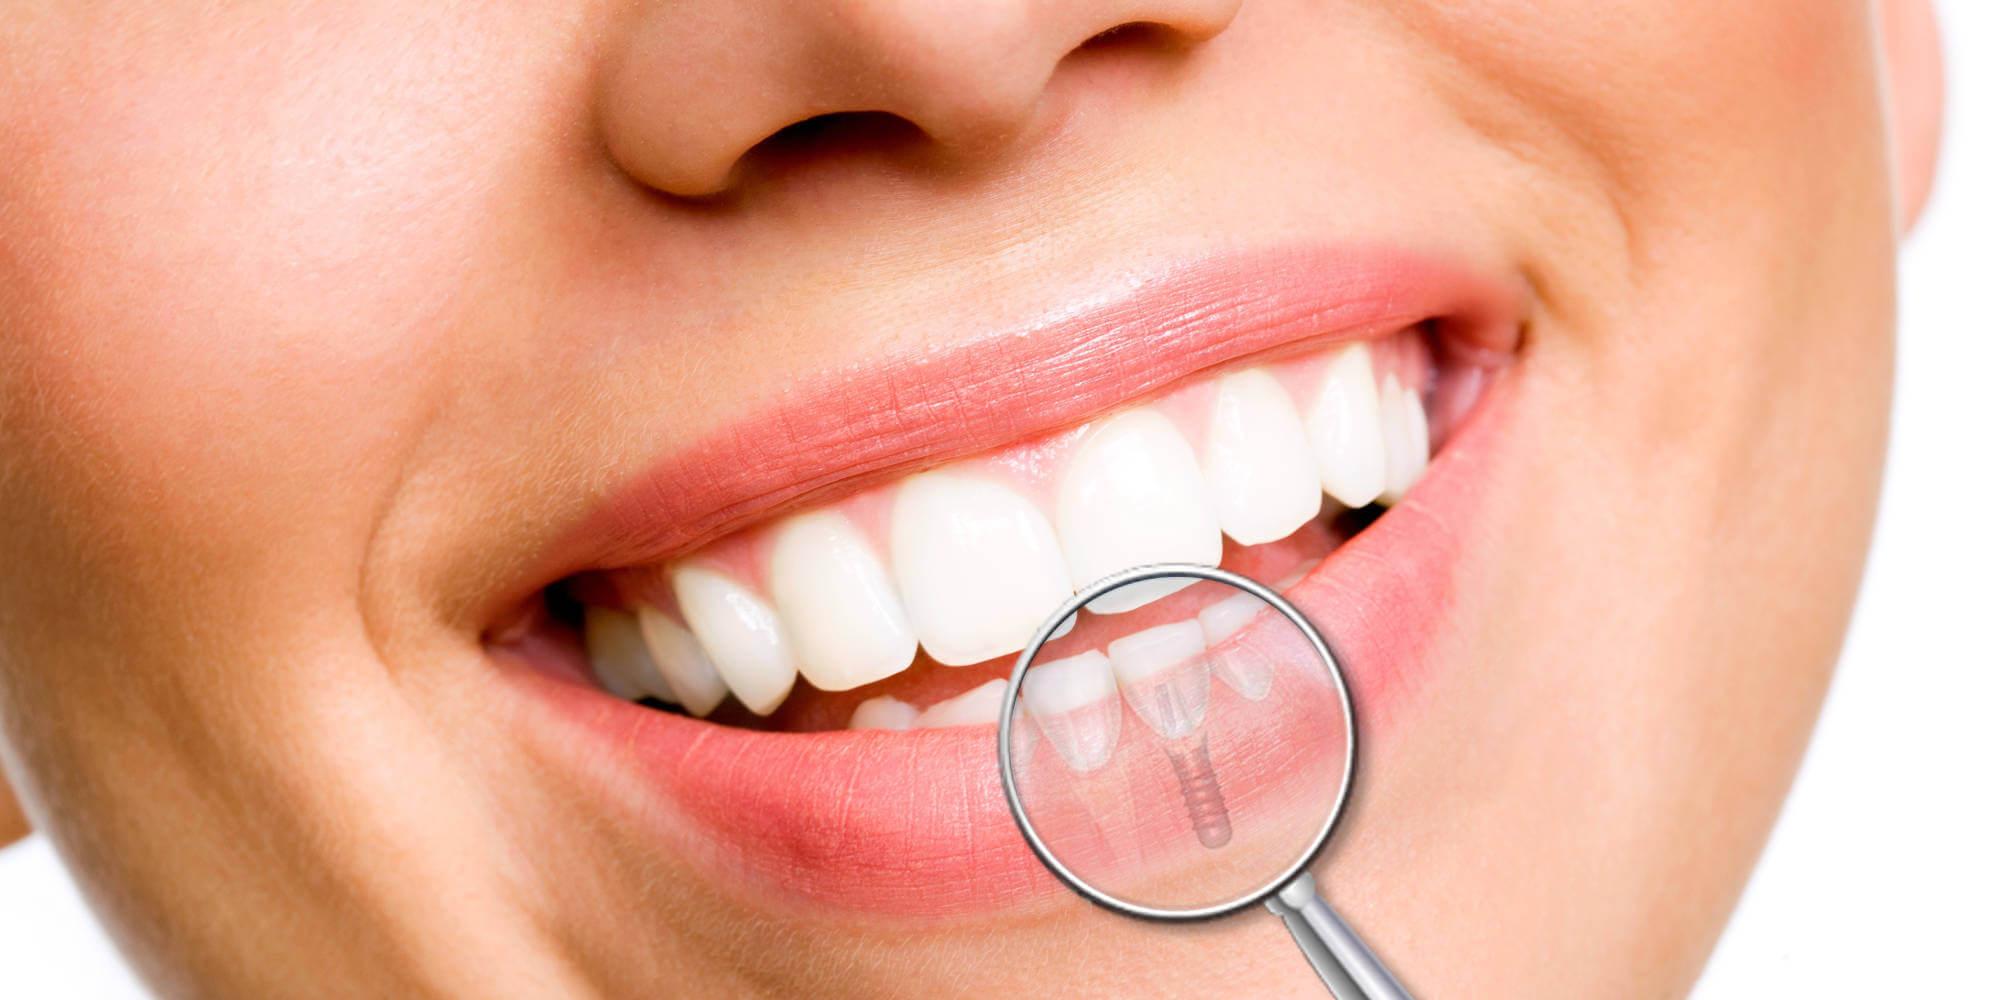 Рейтинг лучших клиник имплантации зубов в Самаре на 2021 год